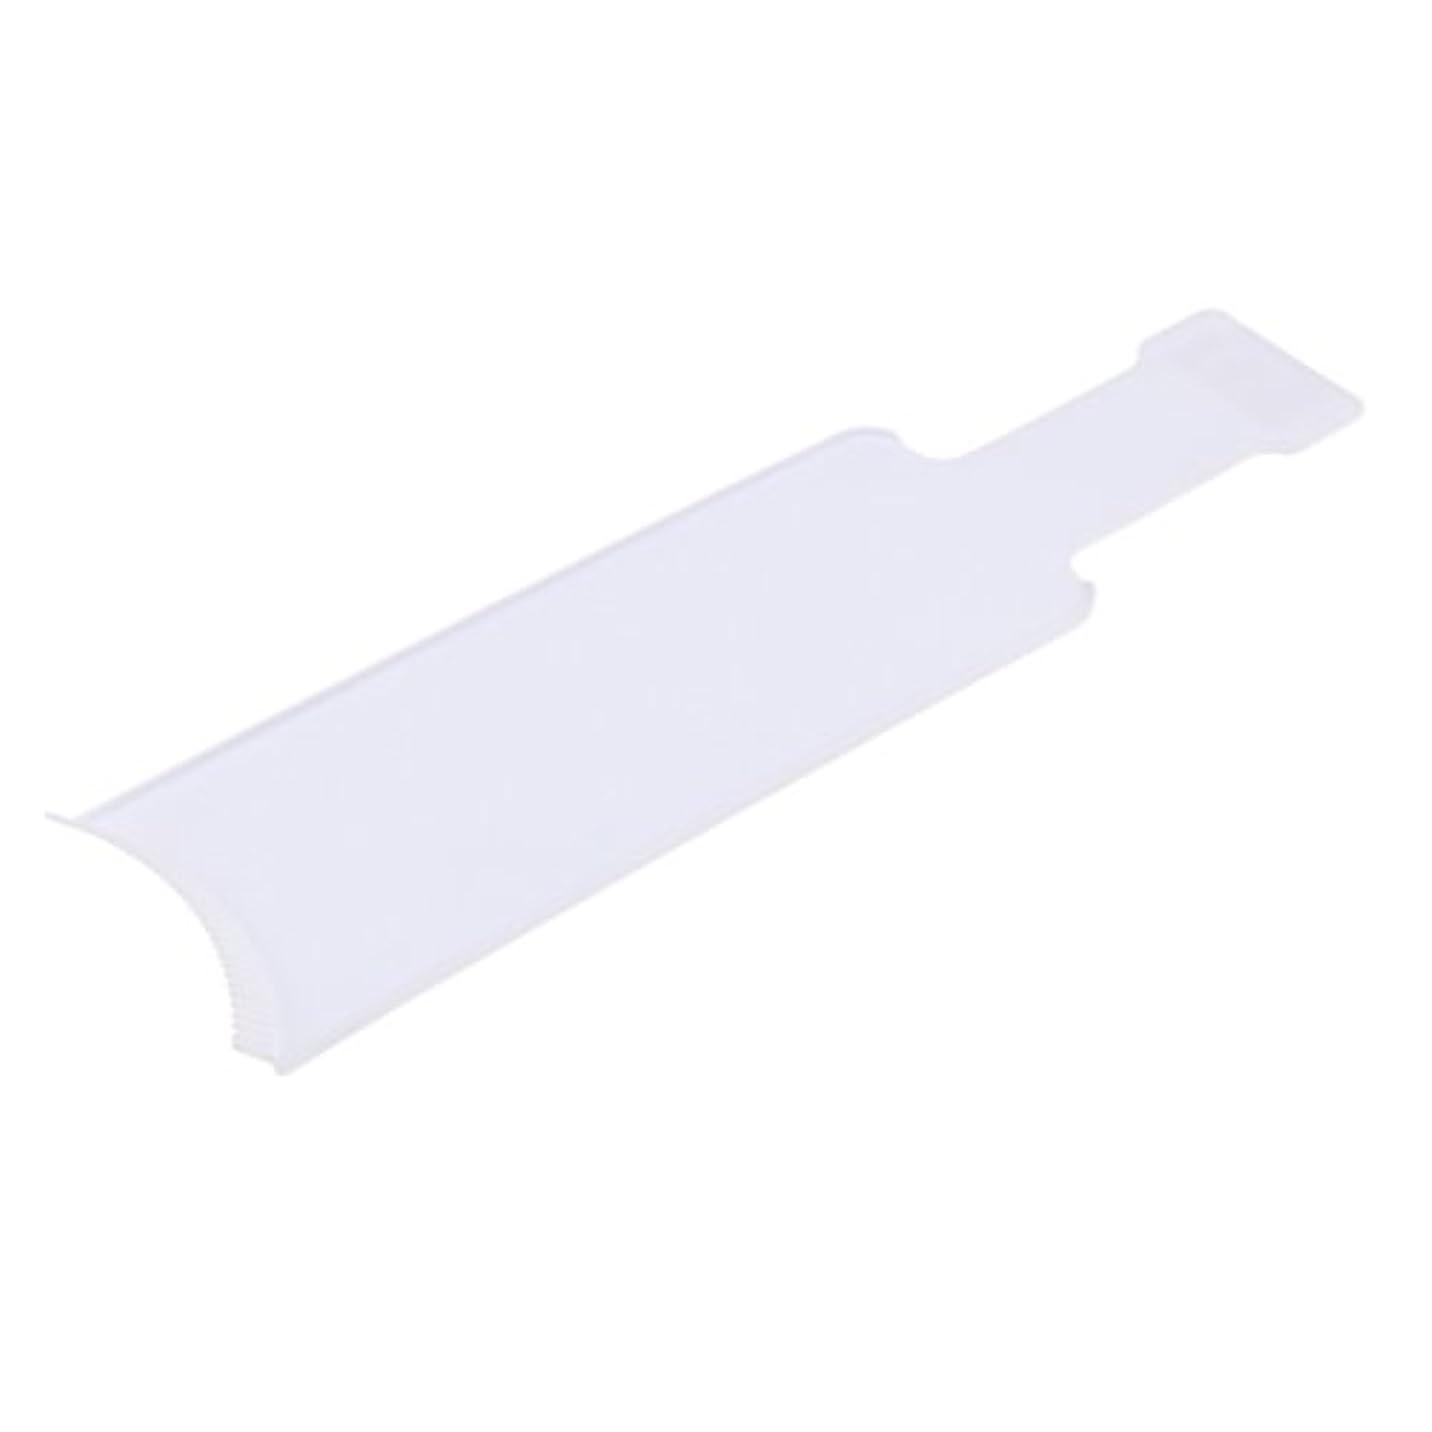 無条件スタック楽な染色櫛プレート 着色ボード 染めボード ヘアカラー ヘアブラシ 便利 おしゃれ染 2サイズ2色選べる - 白, L